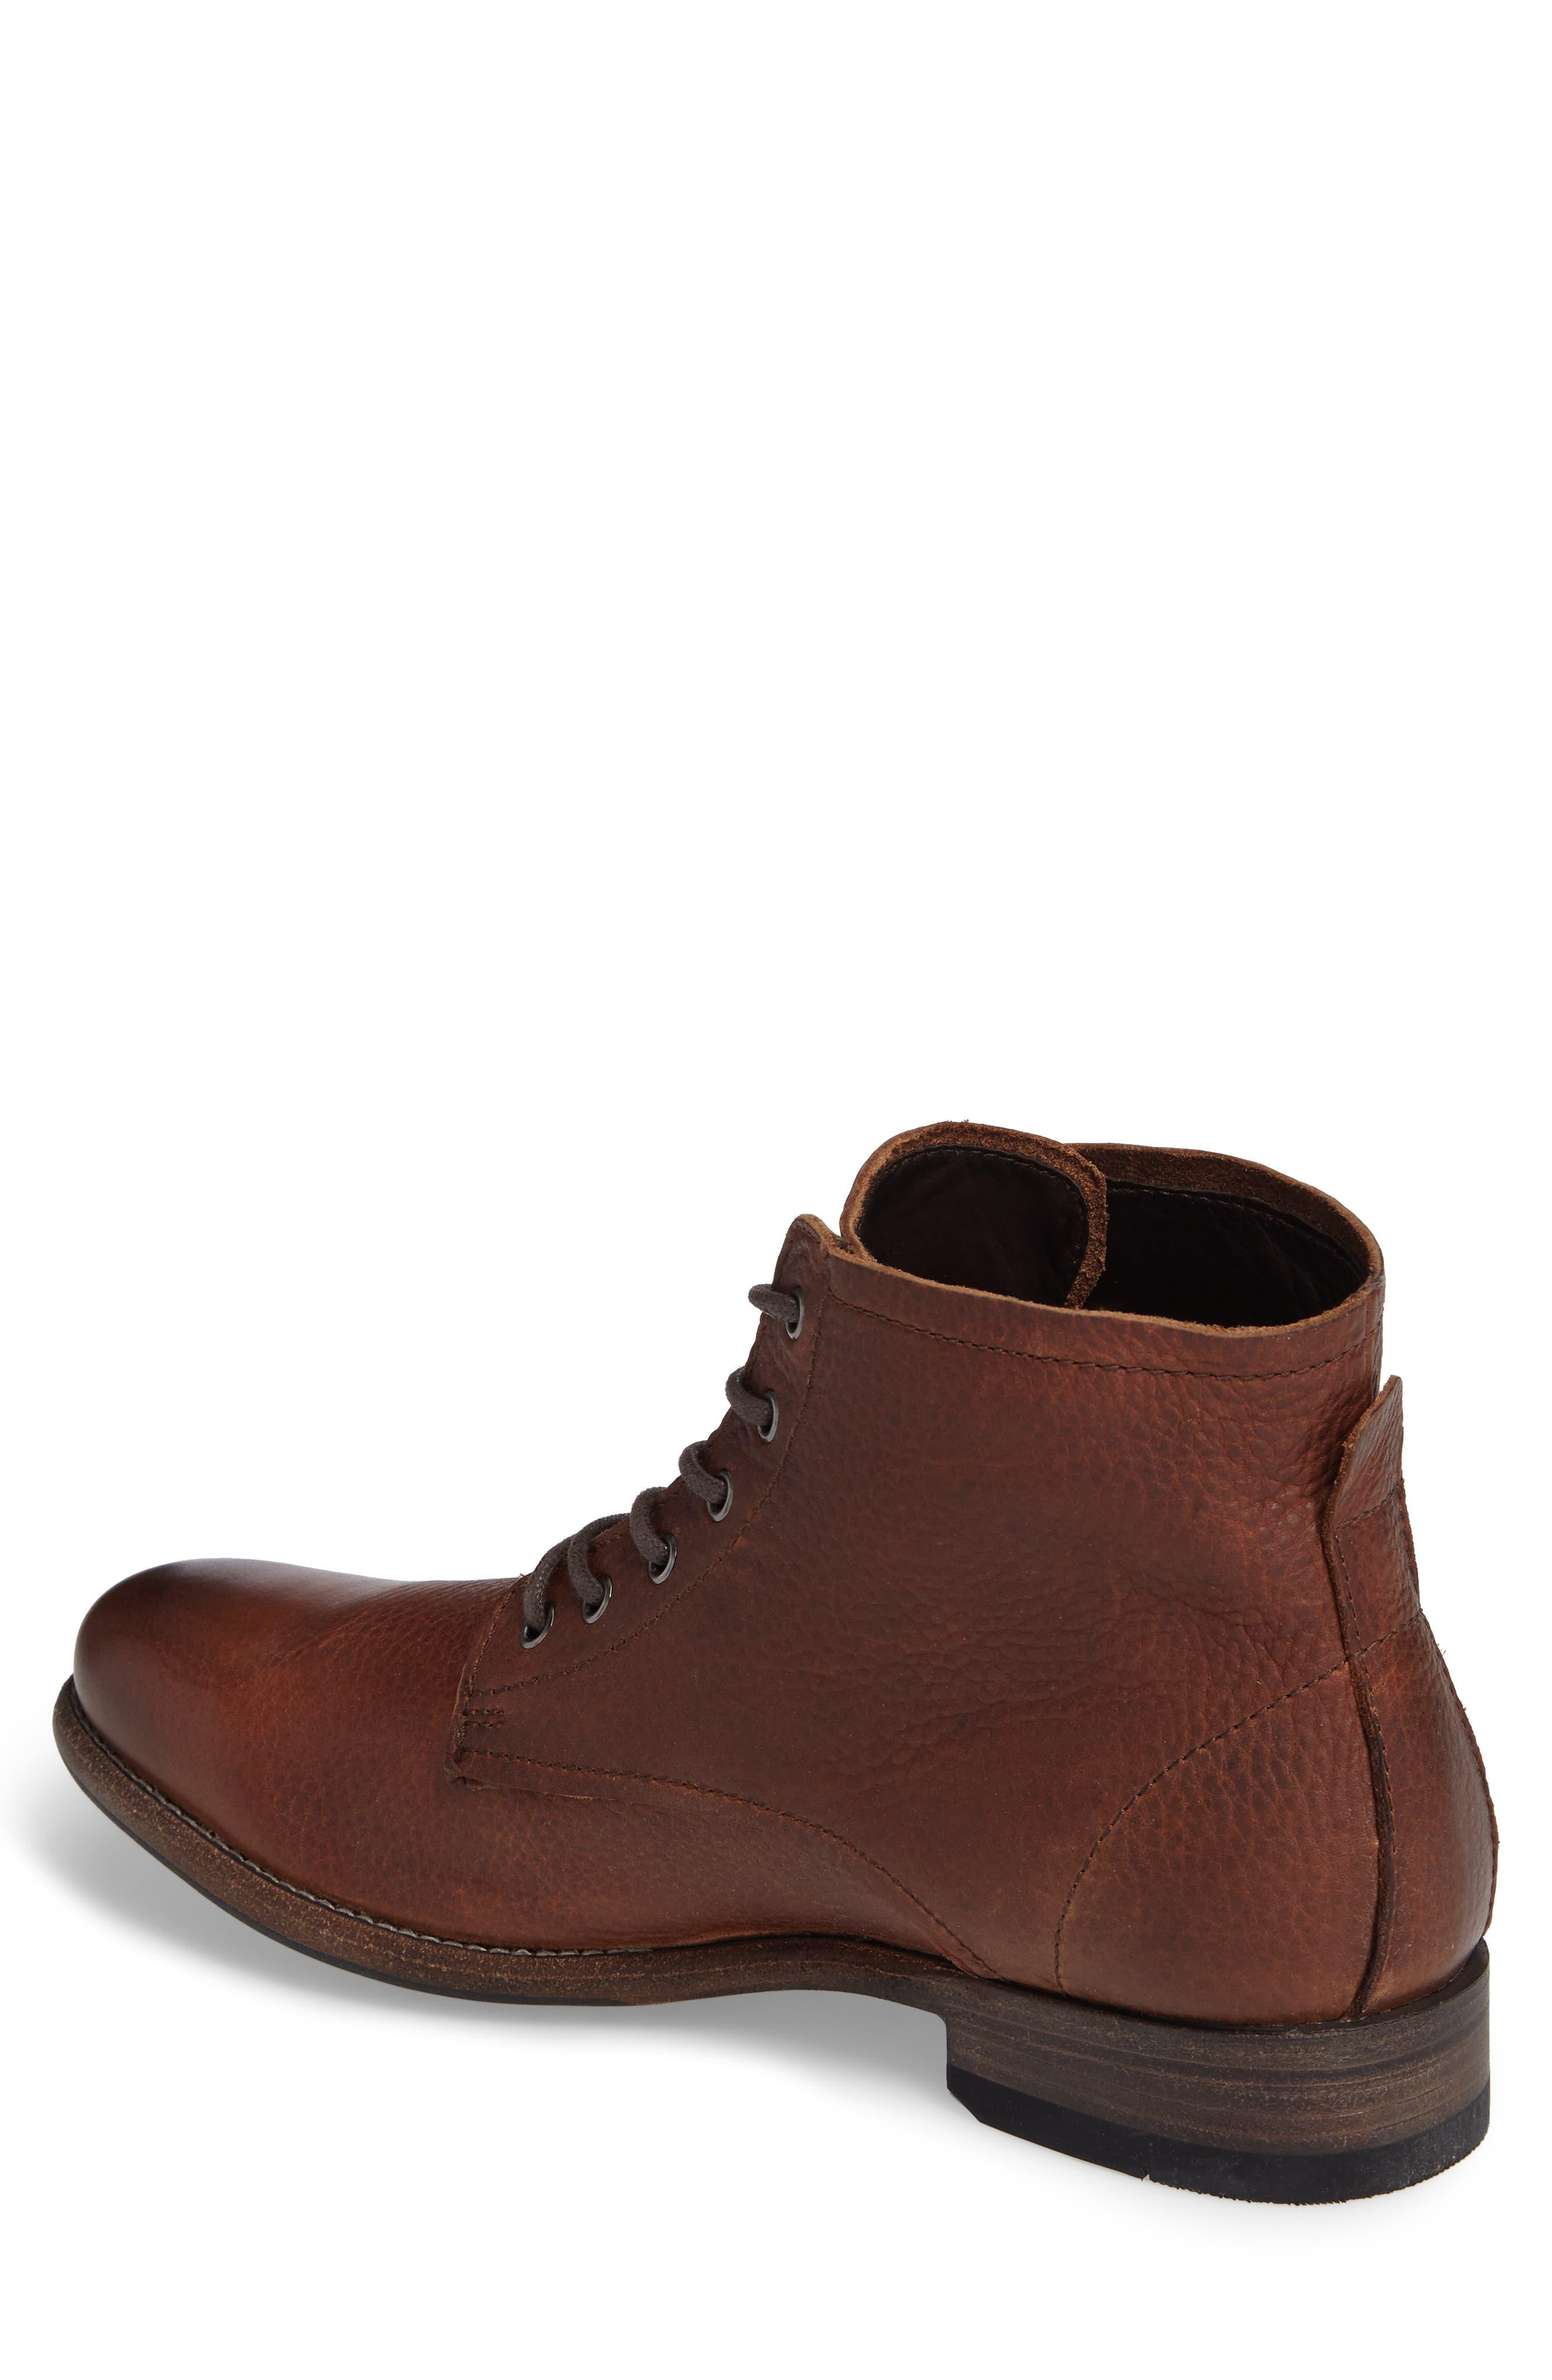 Alternate Image 2  - Blackstone KM 21 Plain Toe Boot (Men)